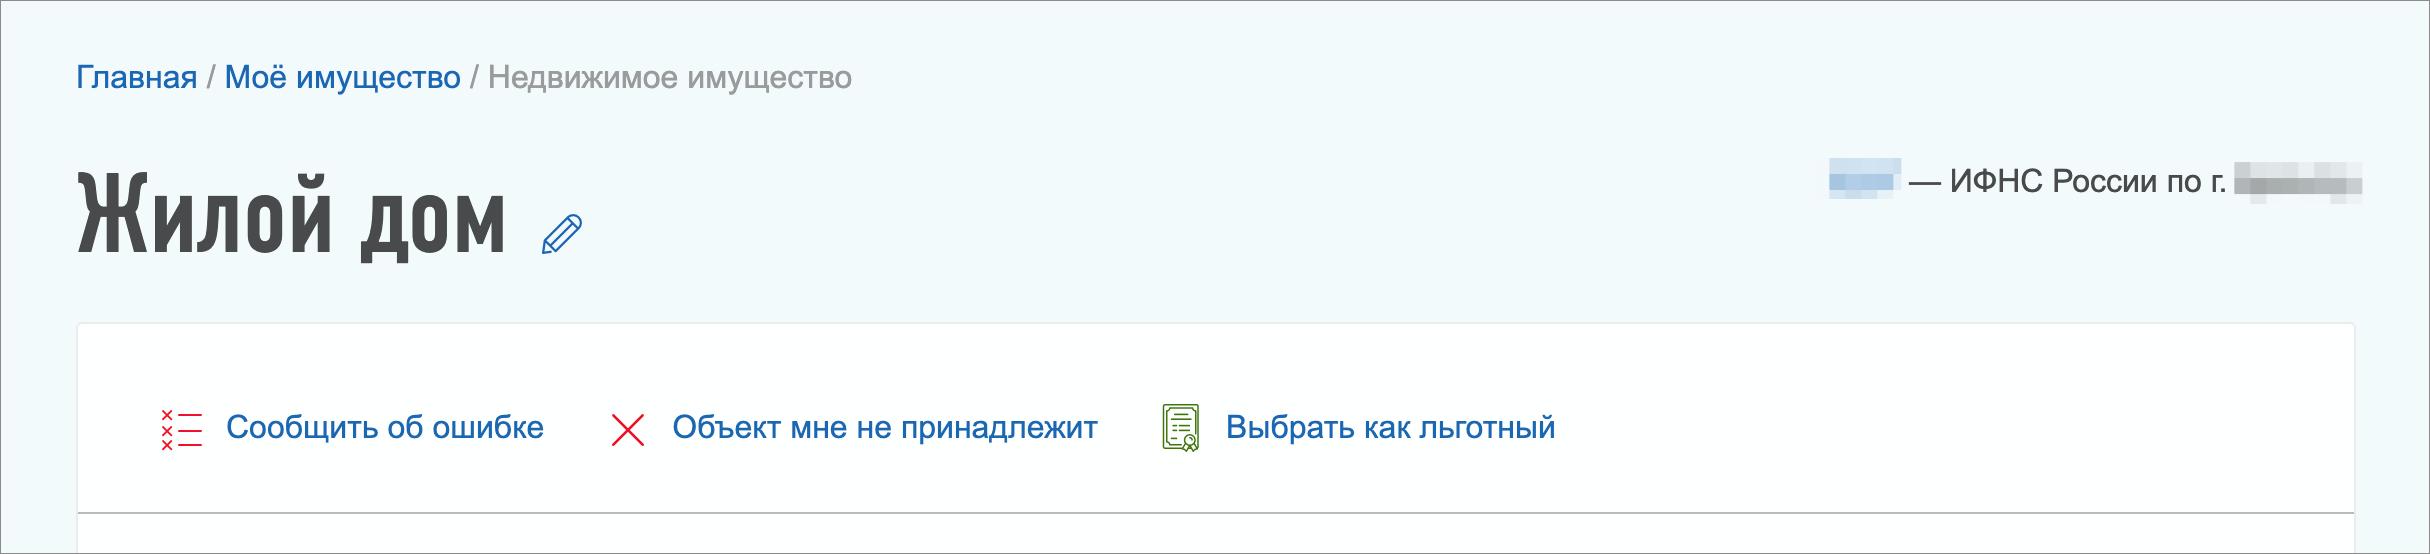 Уведомить о выборе льготного объекта можно в личном кабинете на сайте nalog.ru. Для этого нужно выбрать вид недвижимости в разделе «Мое имущество»